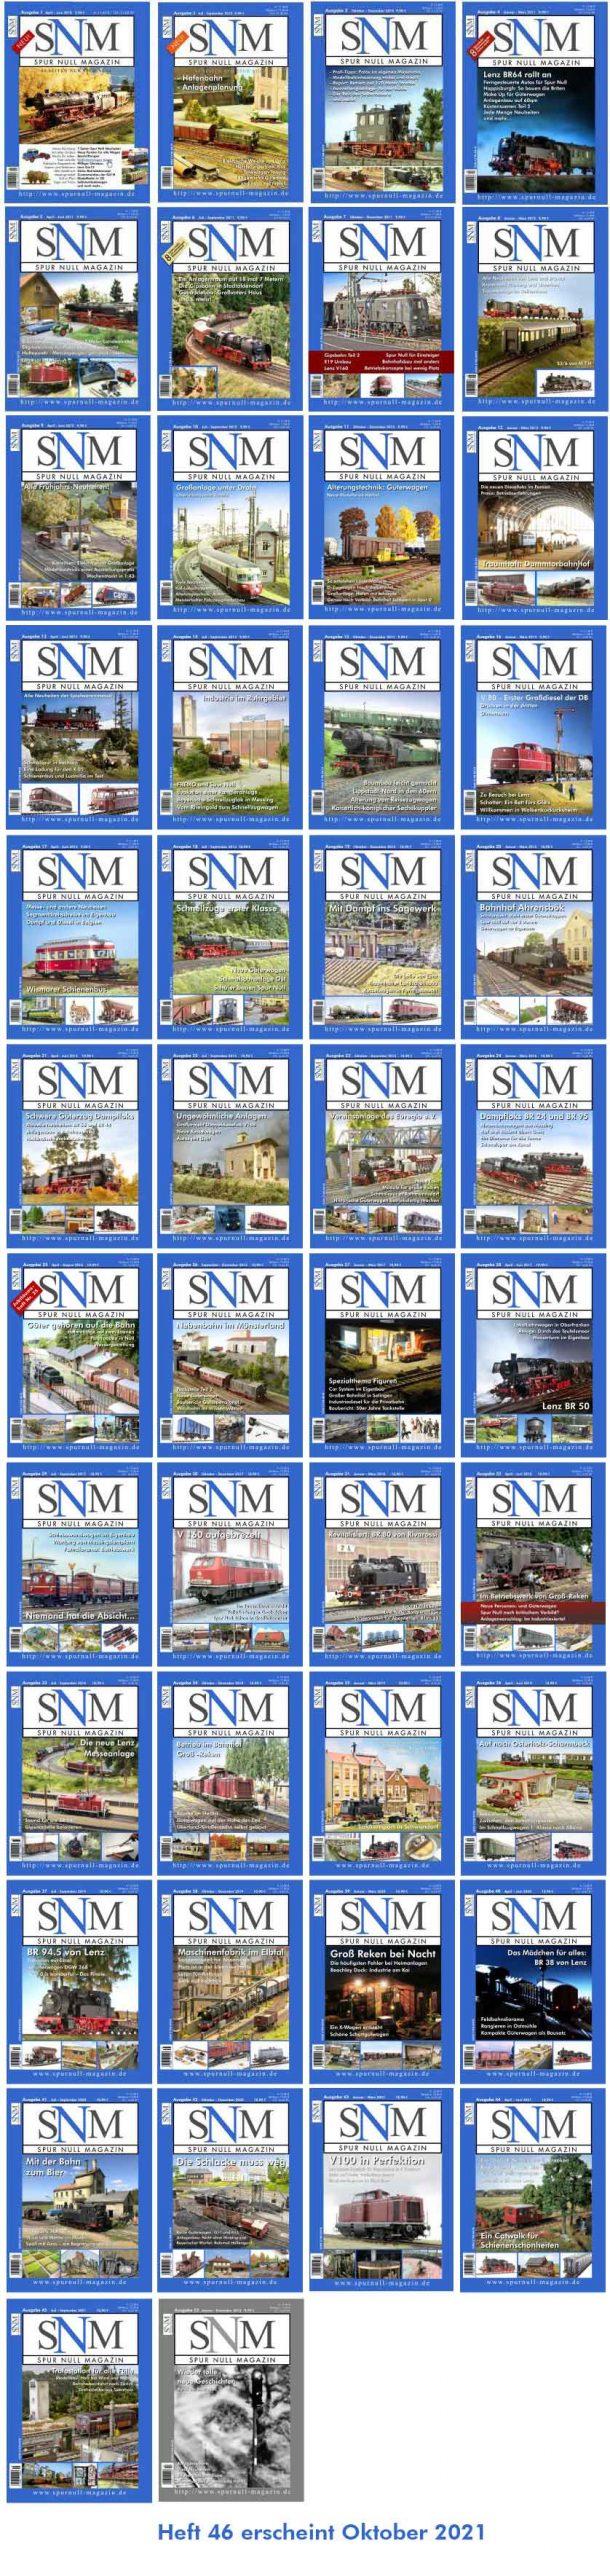 SNM Heft 1-45